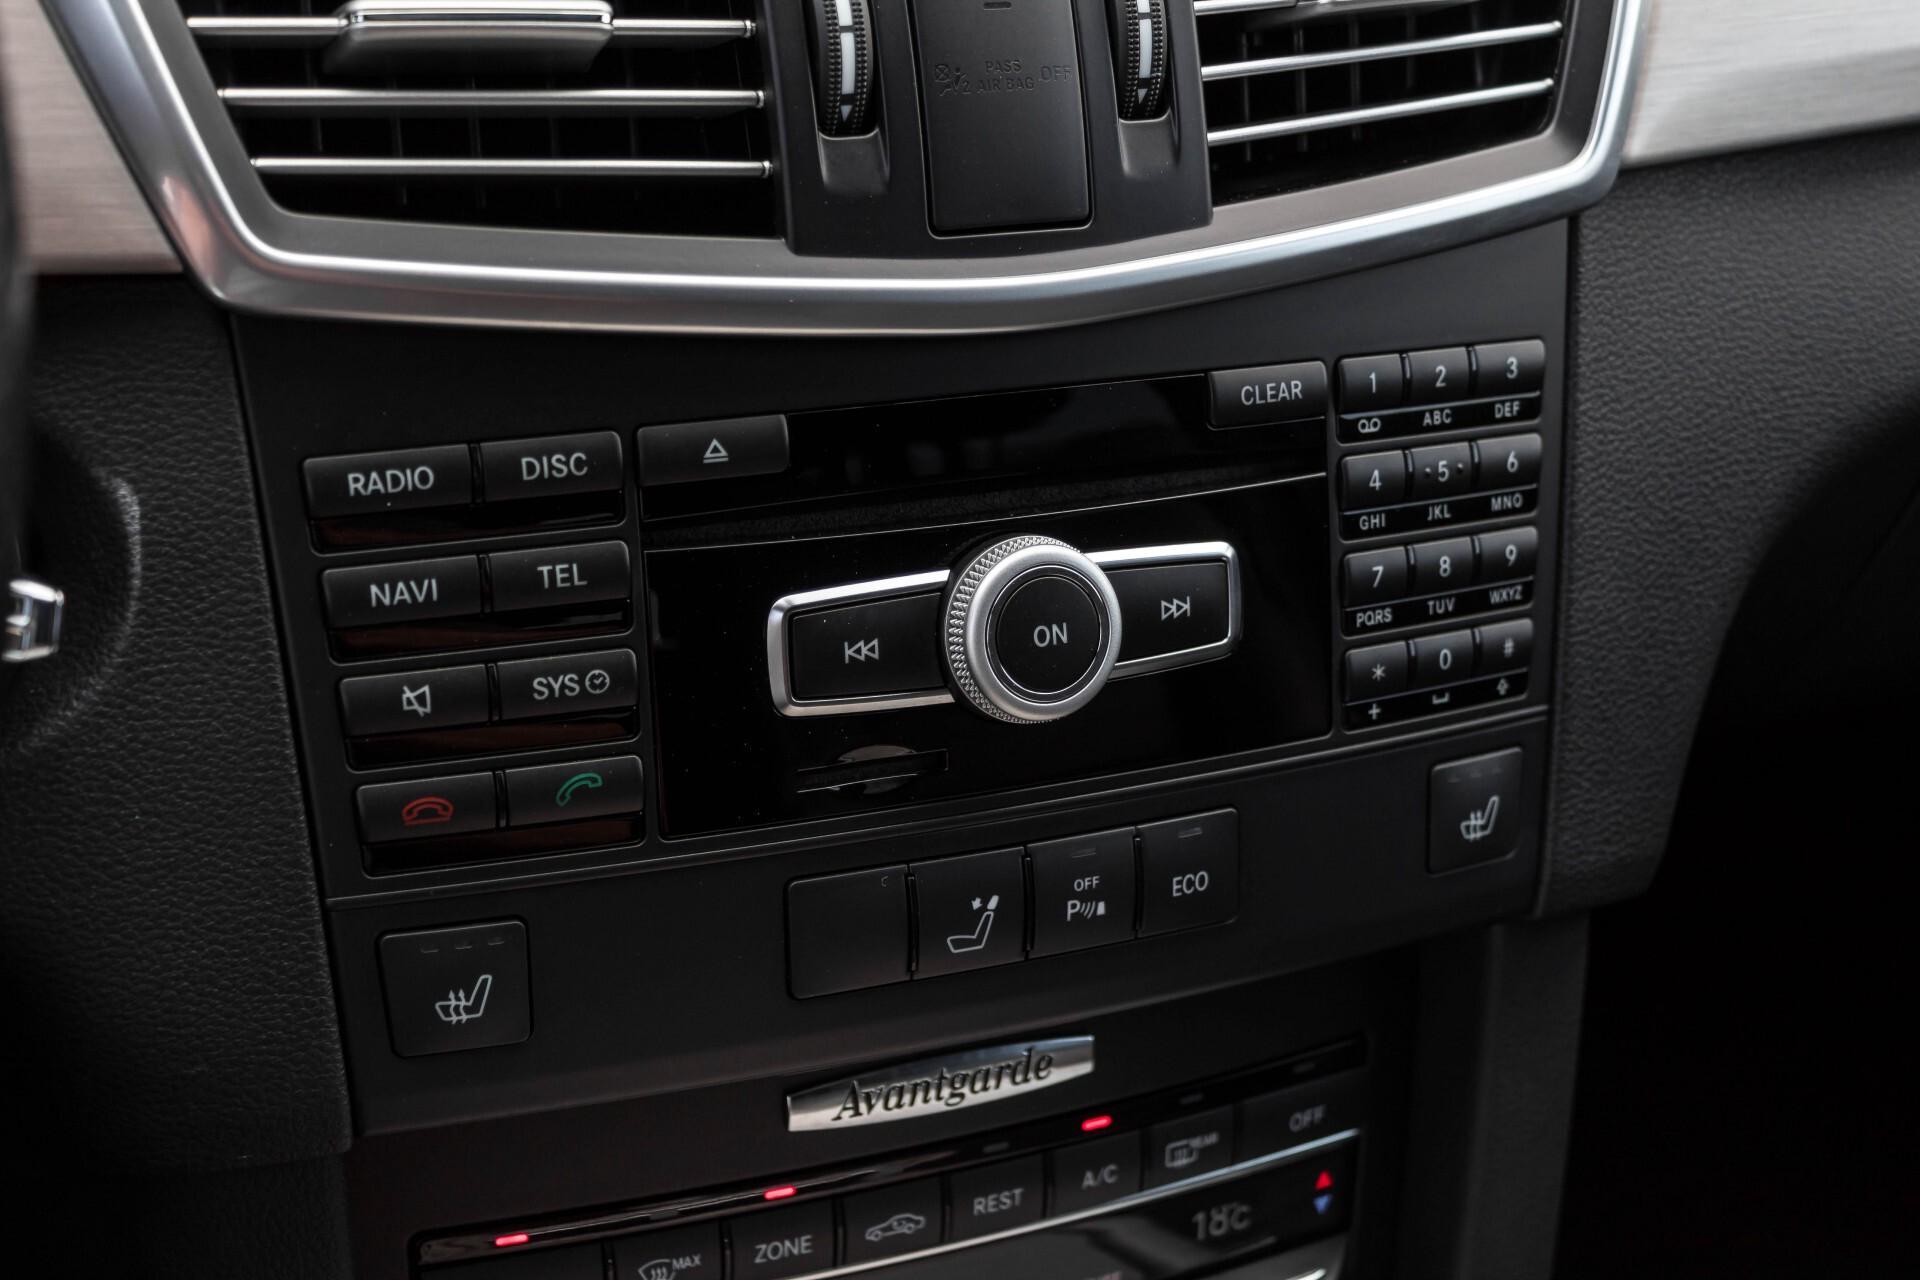 Mercedes-Benz E-Klasse Estate 350 Cdi AMG Luchtvering/Schuifdak/Comand/Harman Kardon/ILS Aut7 Foto 34